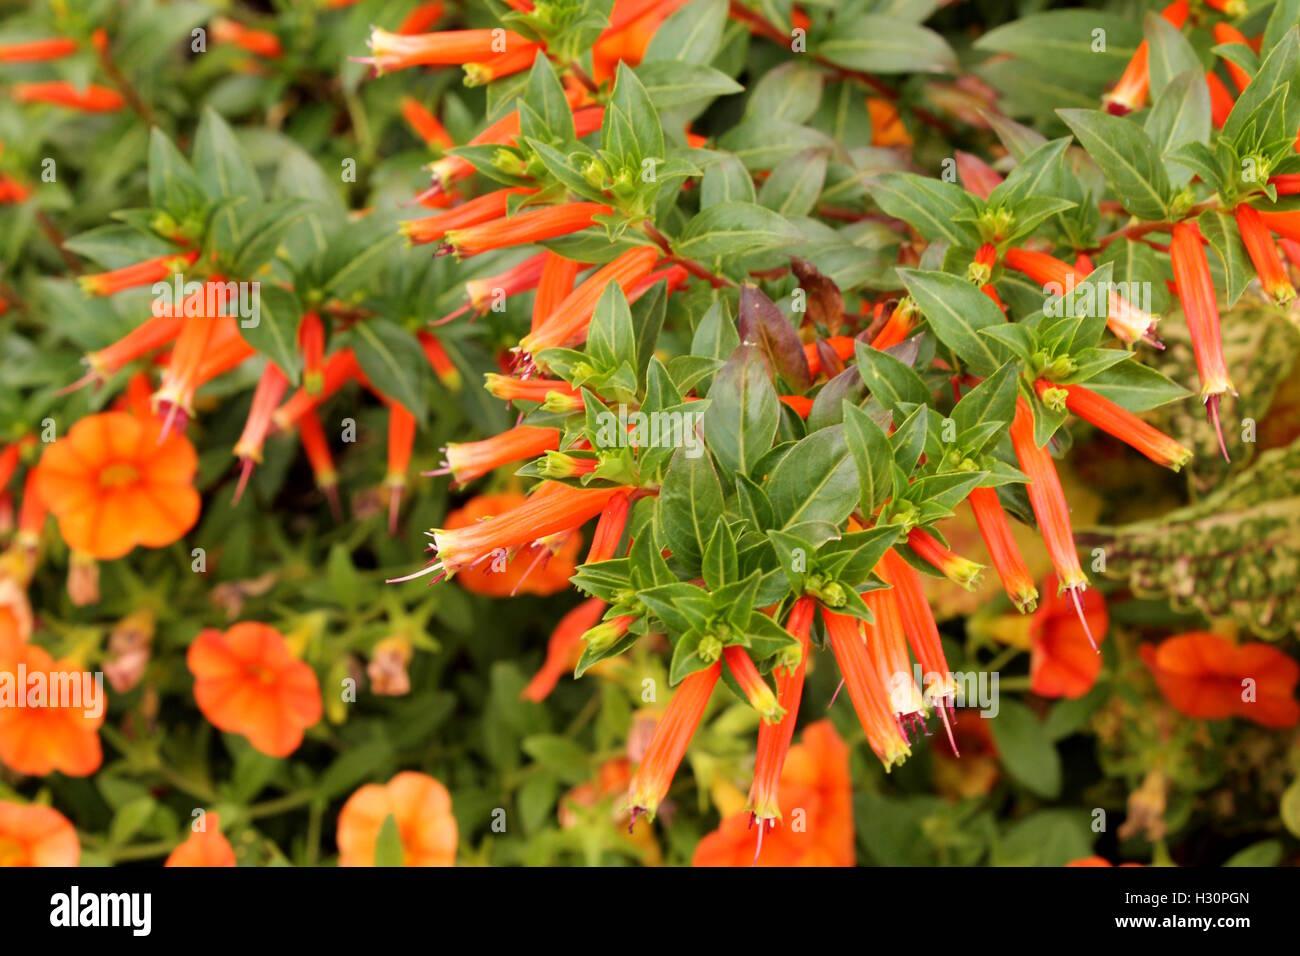 Calibrachoa and cuphea ignea flowers at Millenium Park in Chicago, IL - Stock Image